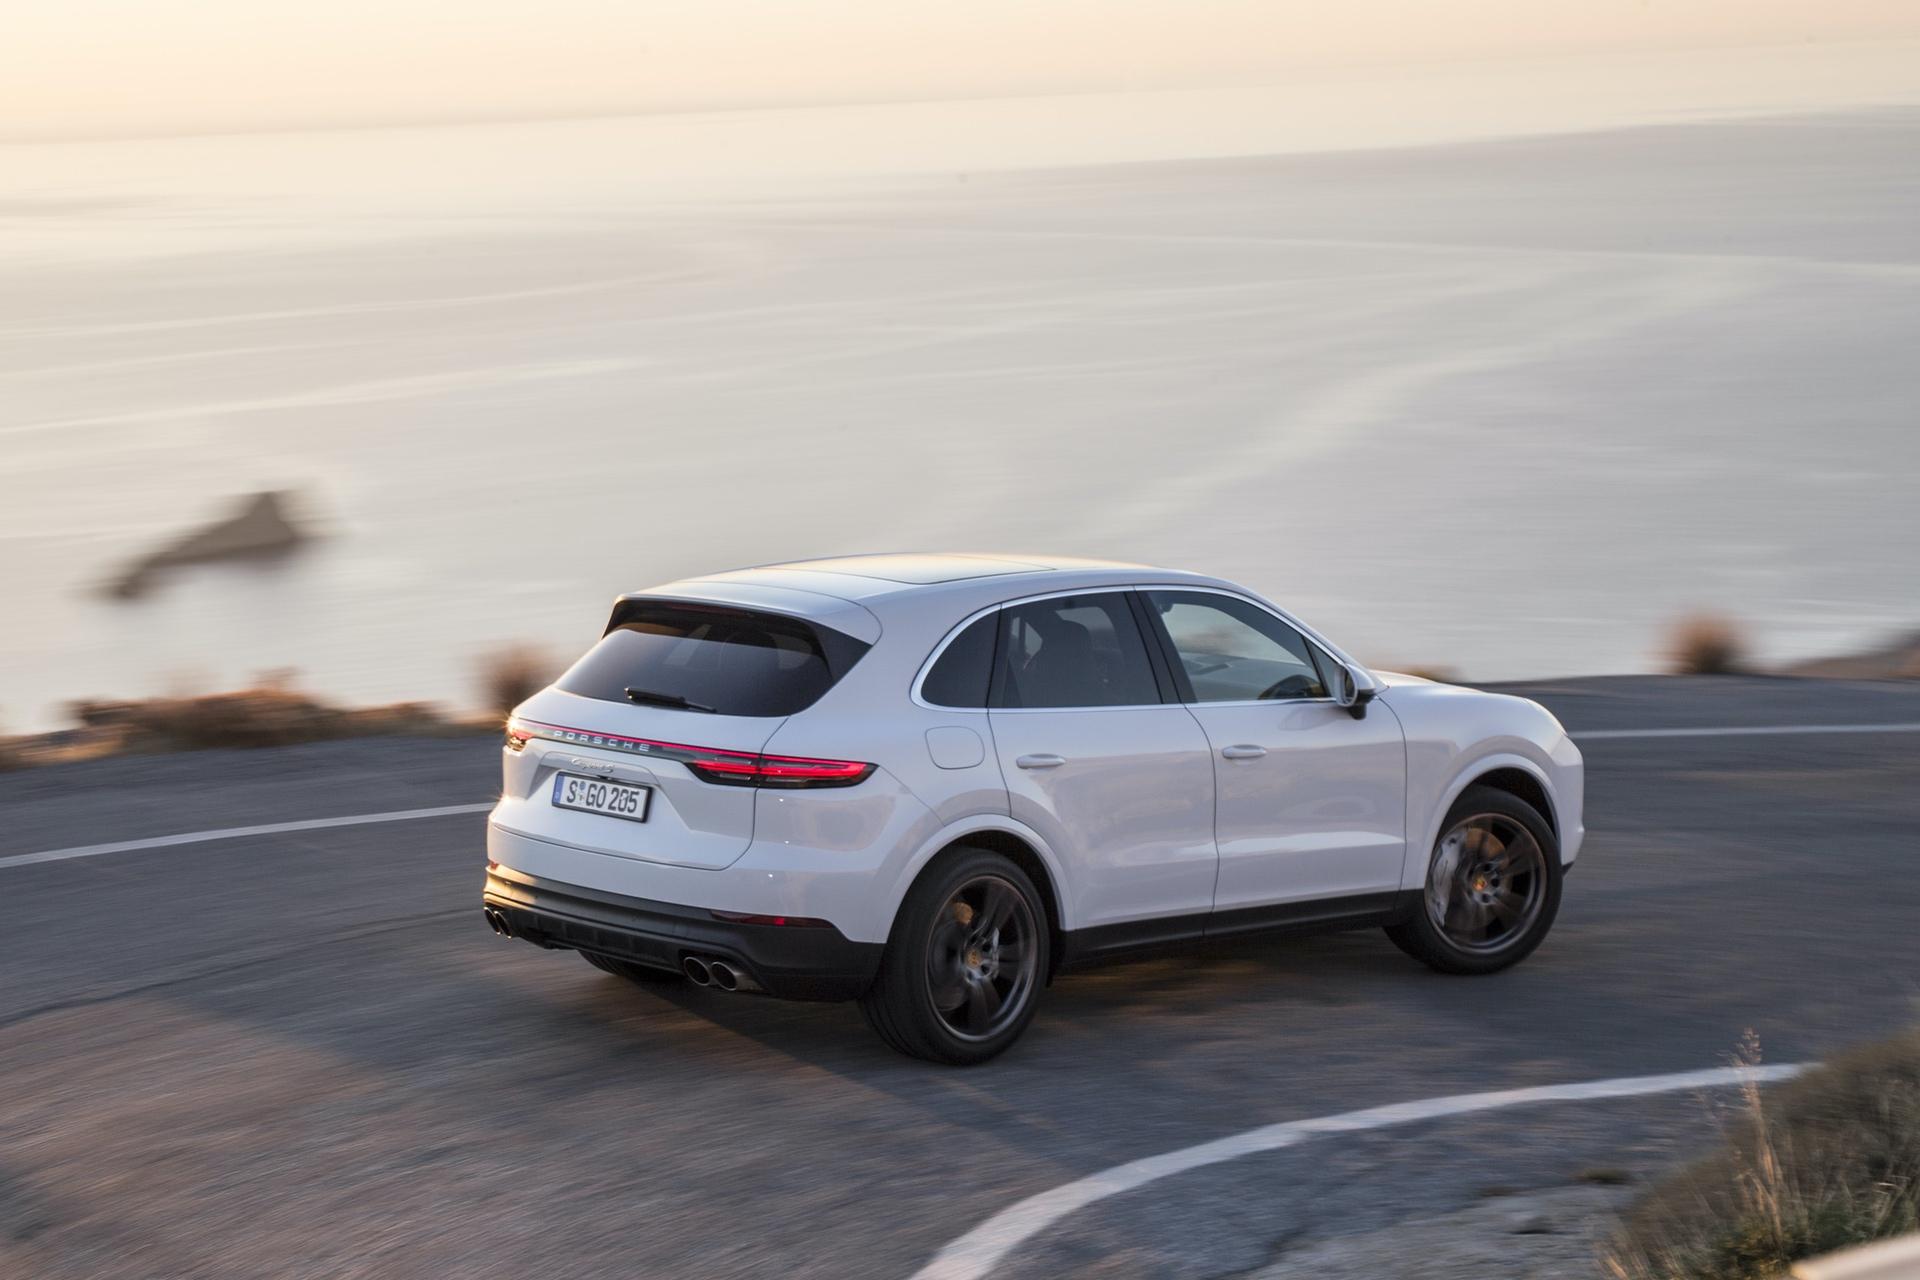 Test_Drive_Porsche_Cayenne_185